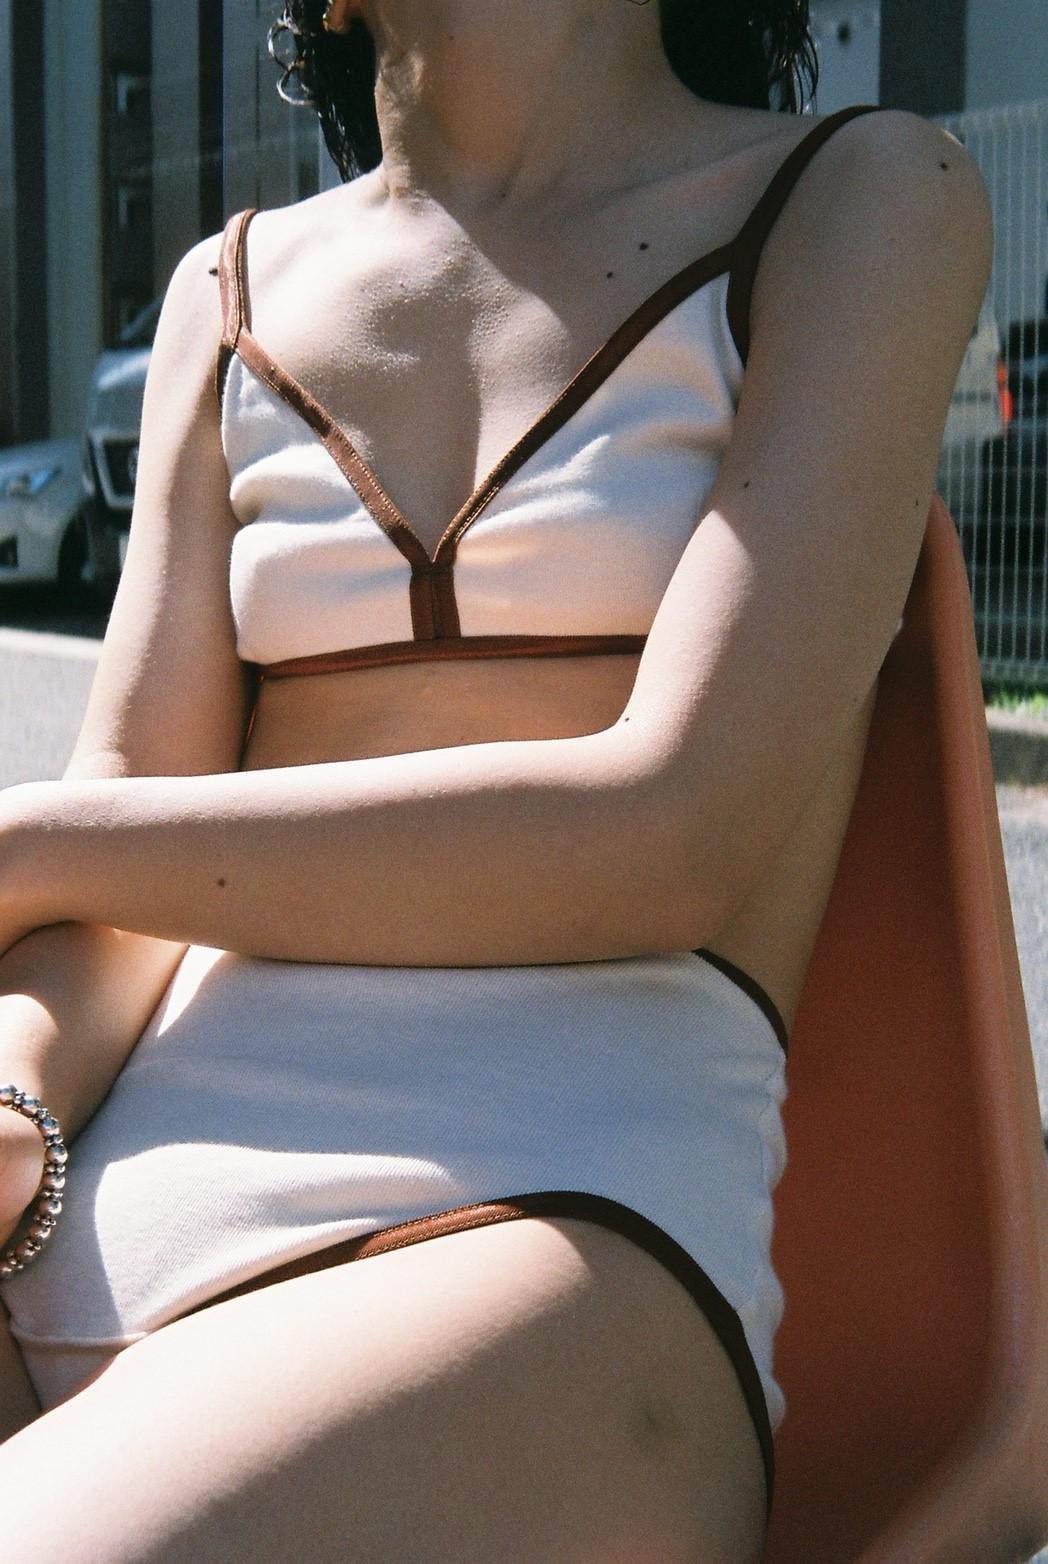 jaroslava underwear 2nd \'skin\'_e0298685_10375913.jpeg